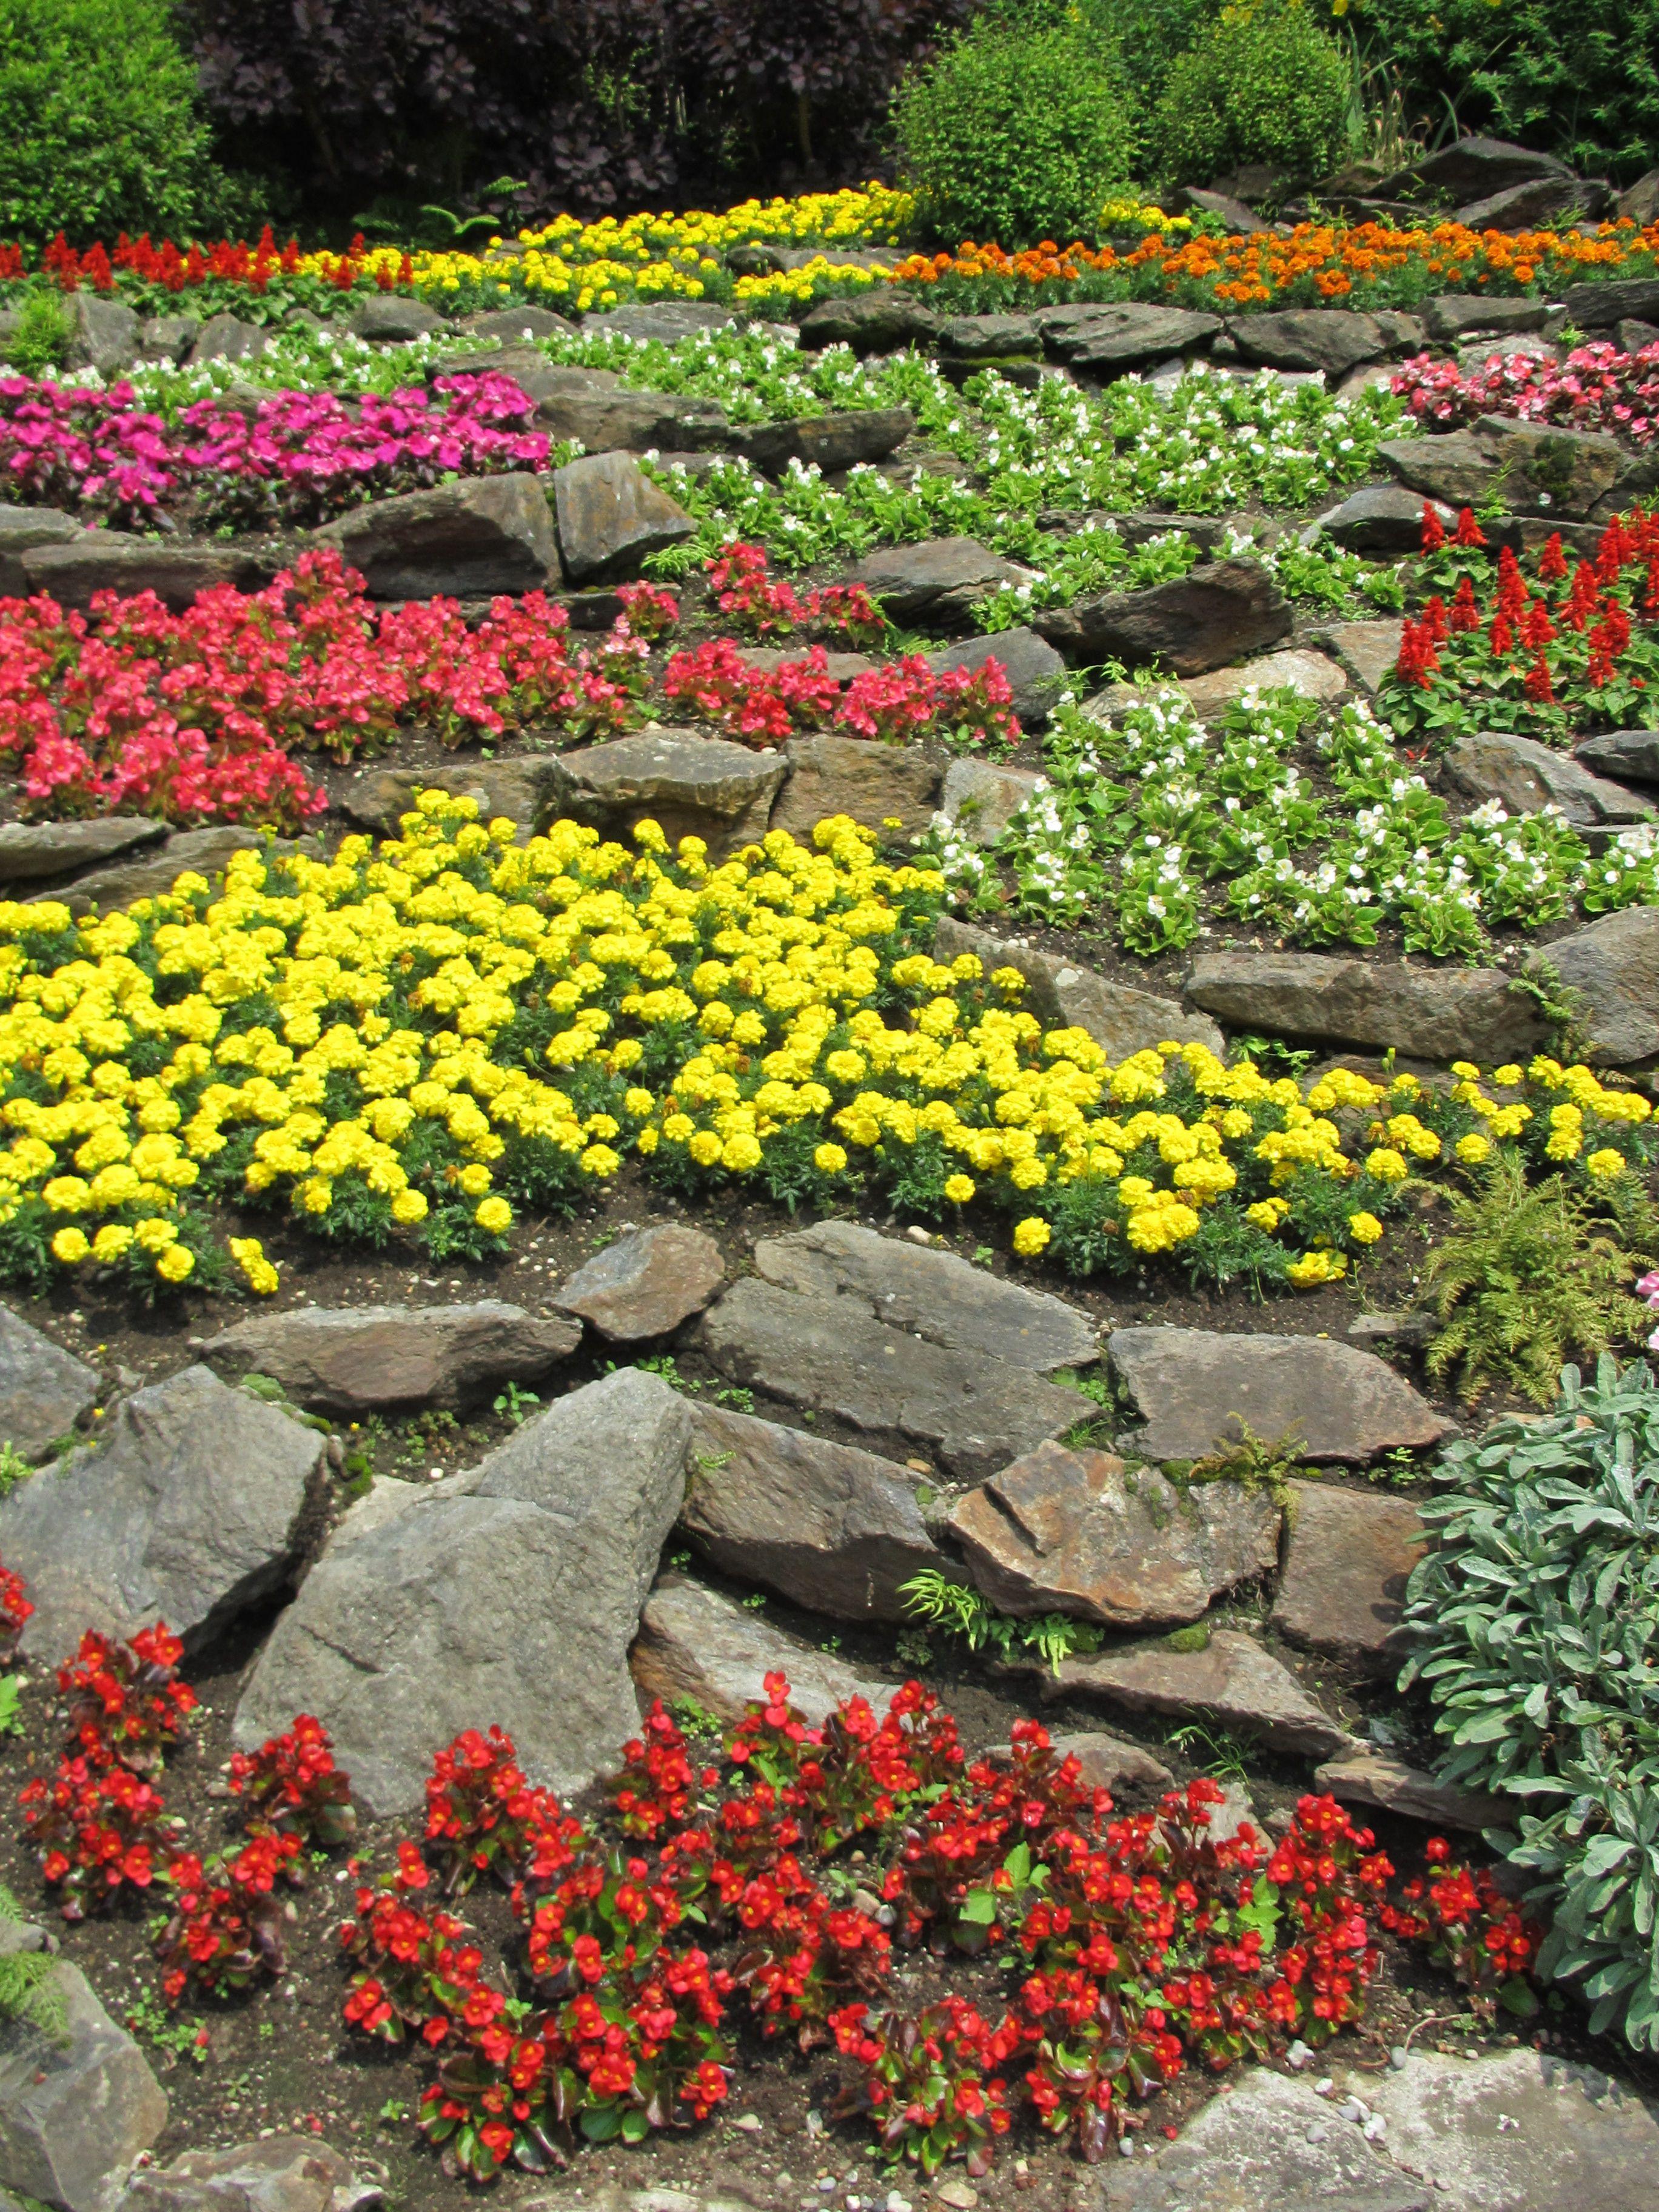 File giardino roccioso fiorito jpg wikimedia commons for Giardino fiorito